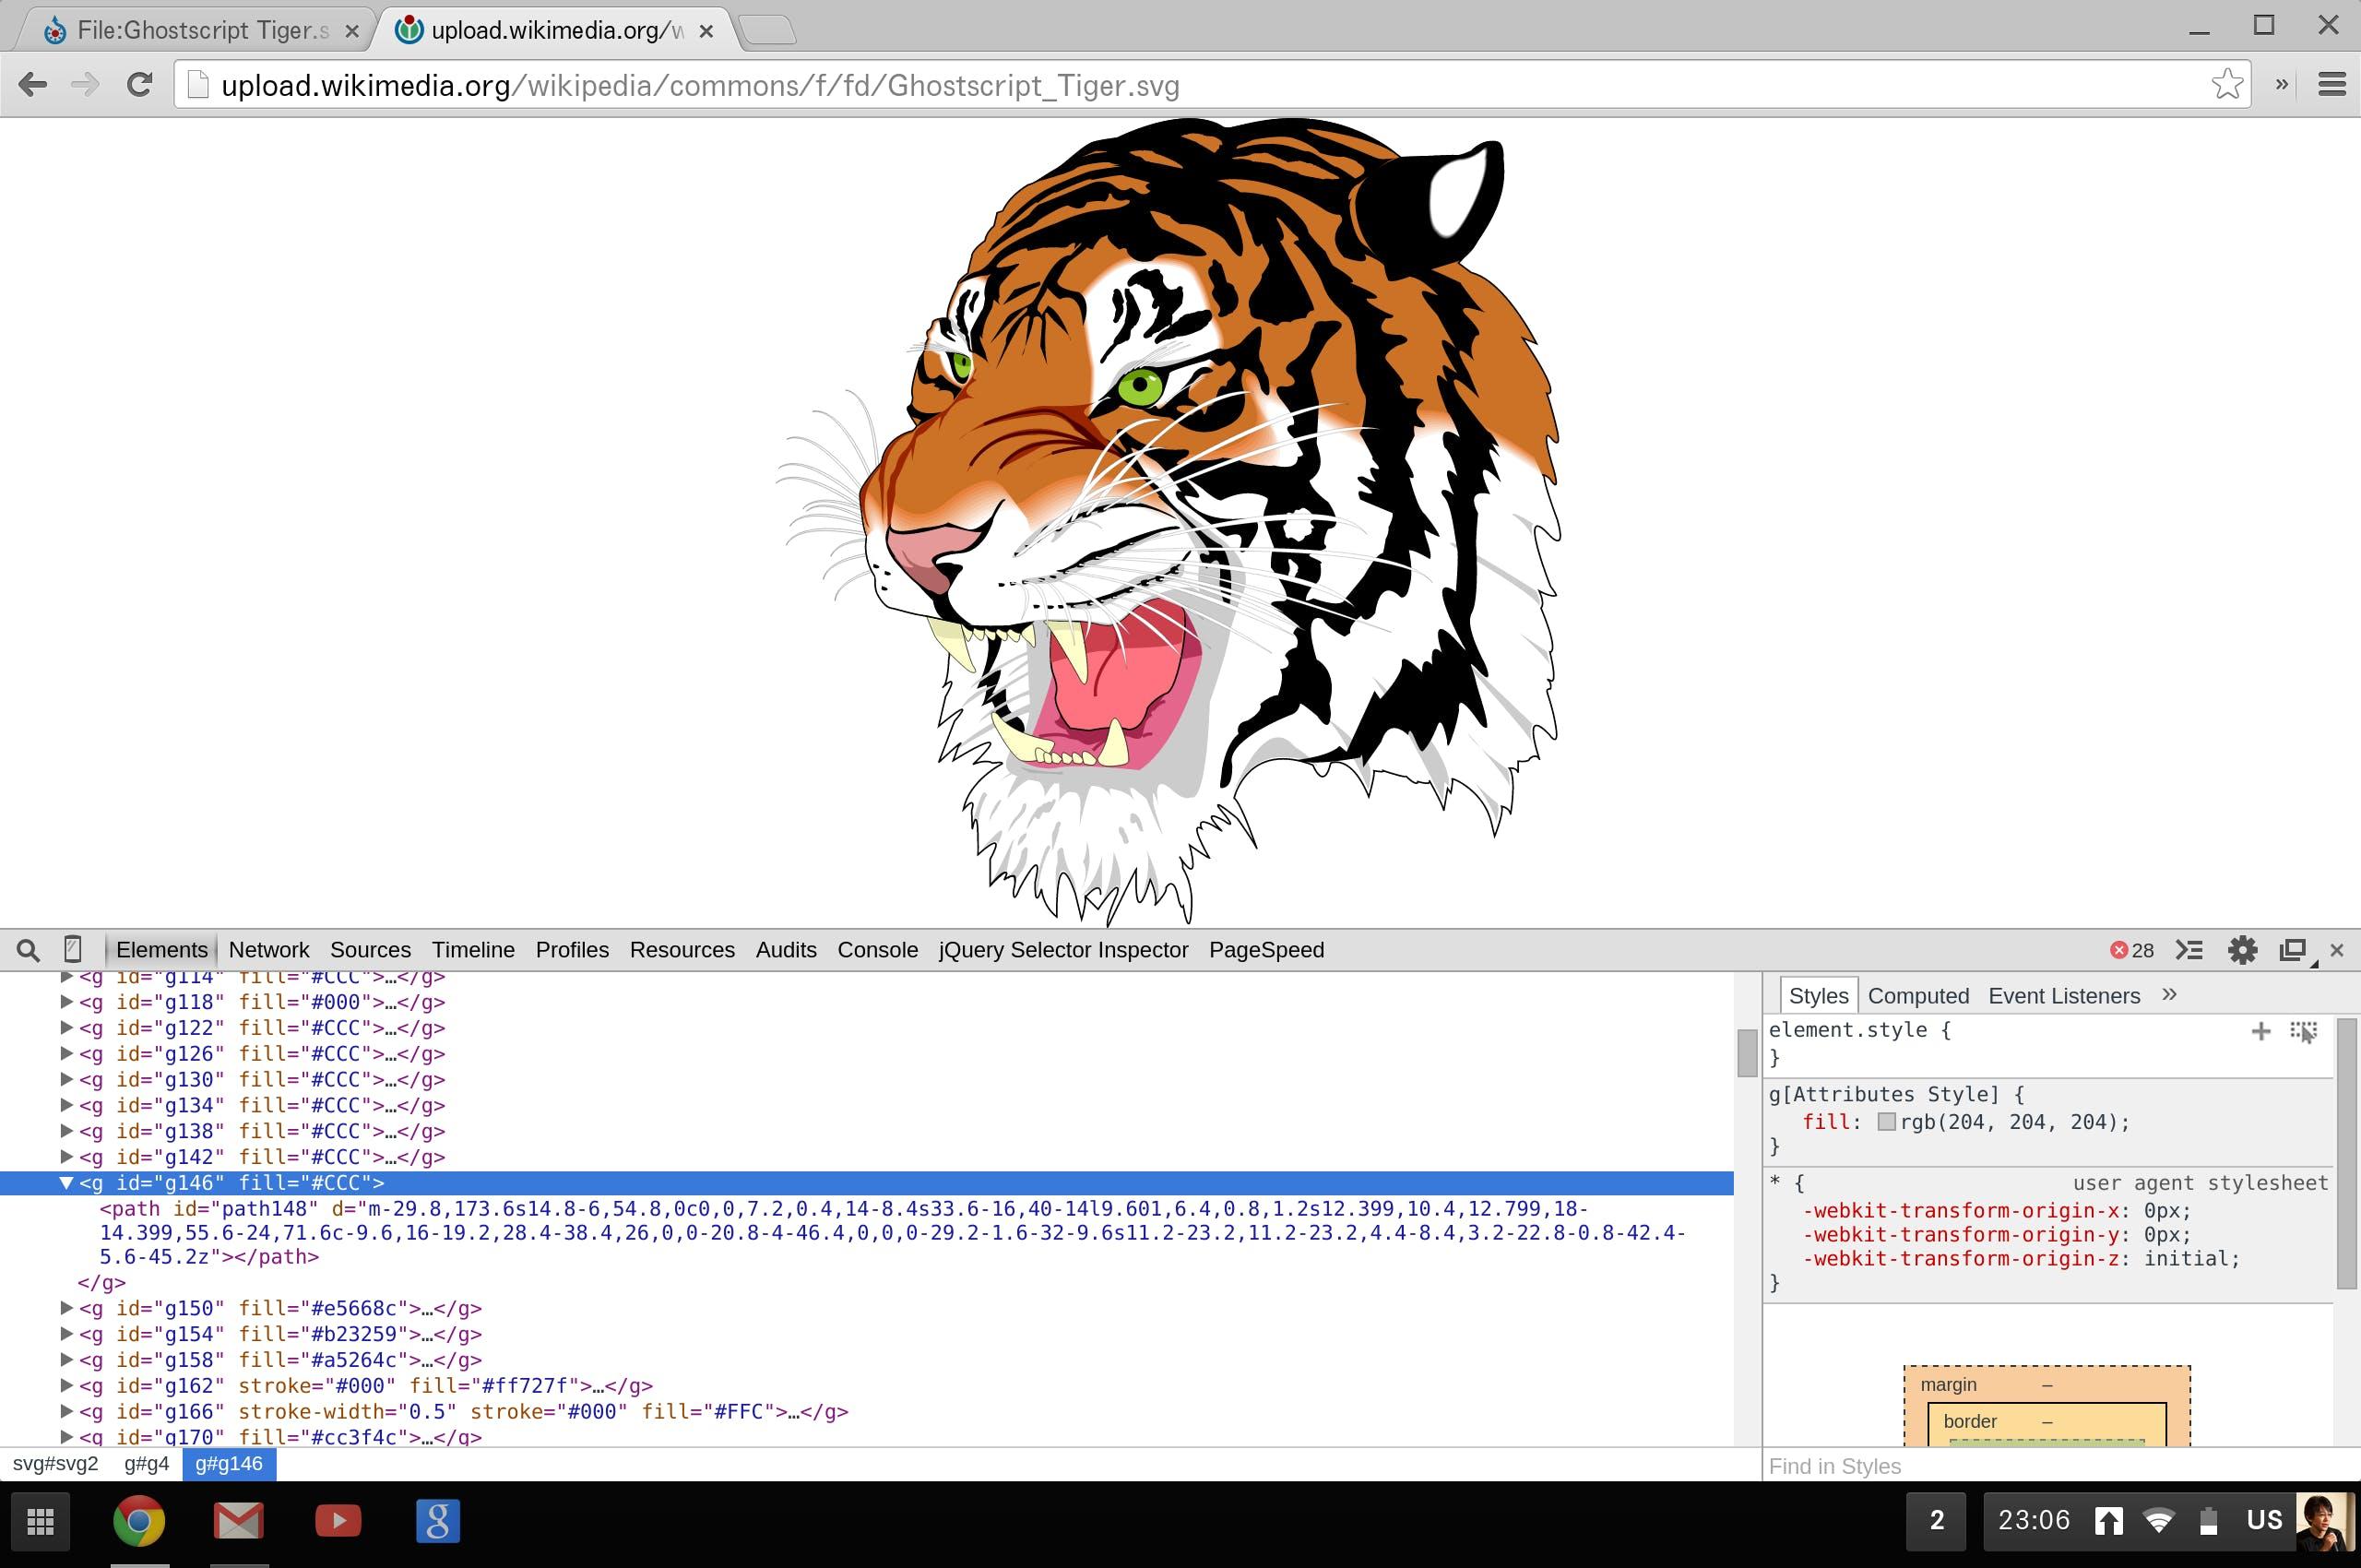 Screenshot 2014-07-23 at 23.06.34.png